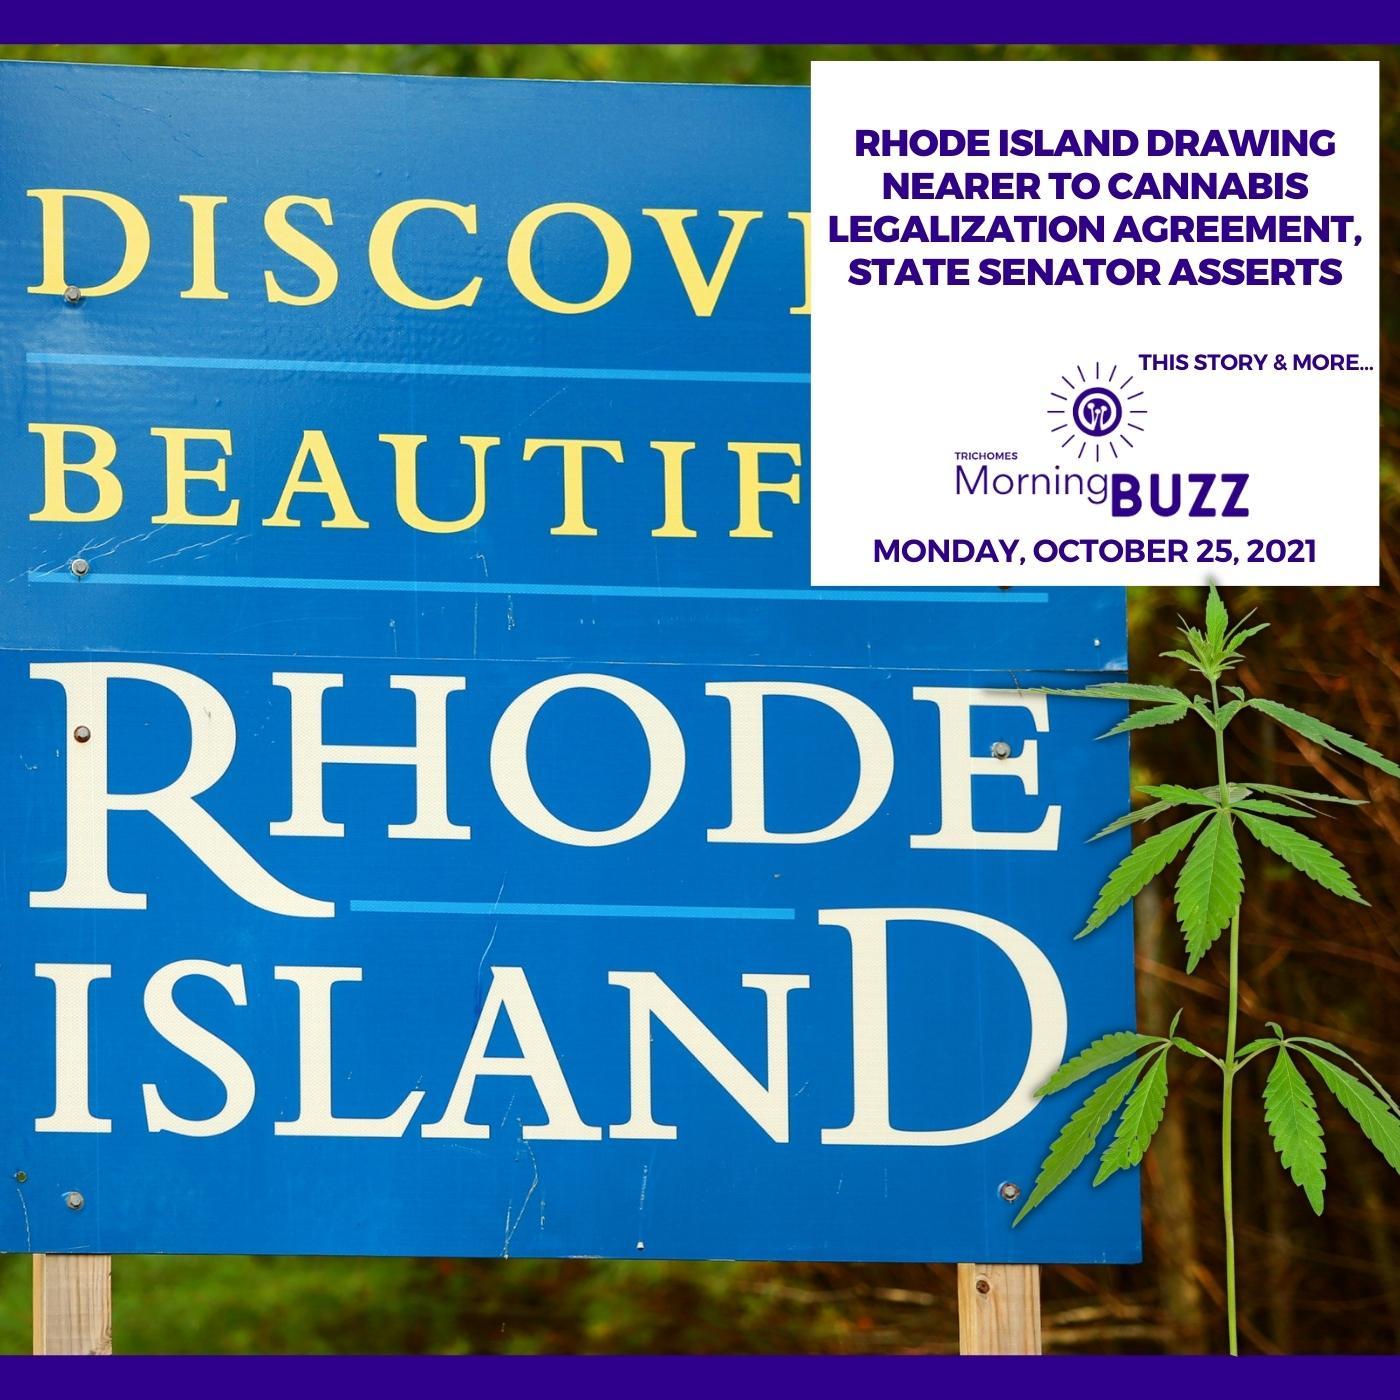 Rhode Island Drawing Nearer To Cannabis Legalization Agreement, State Senator Asserts show art